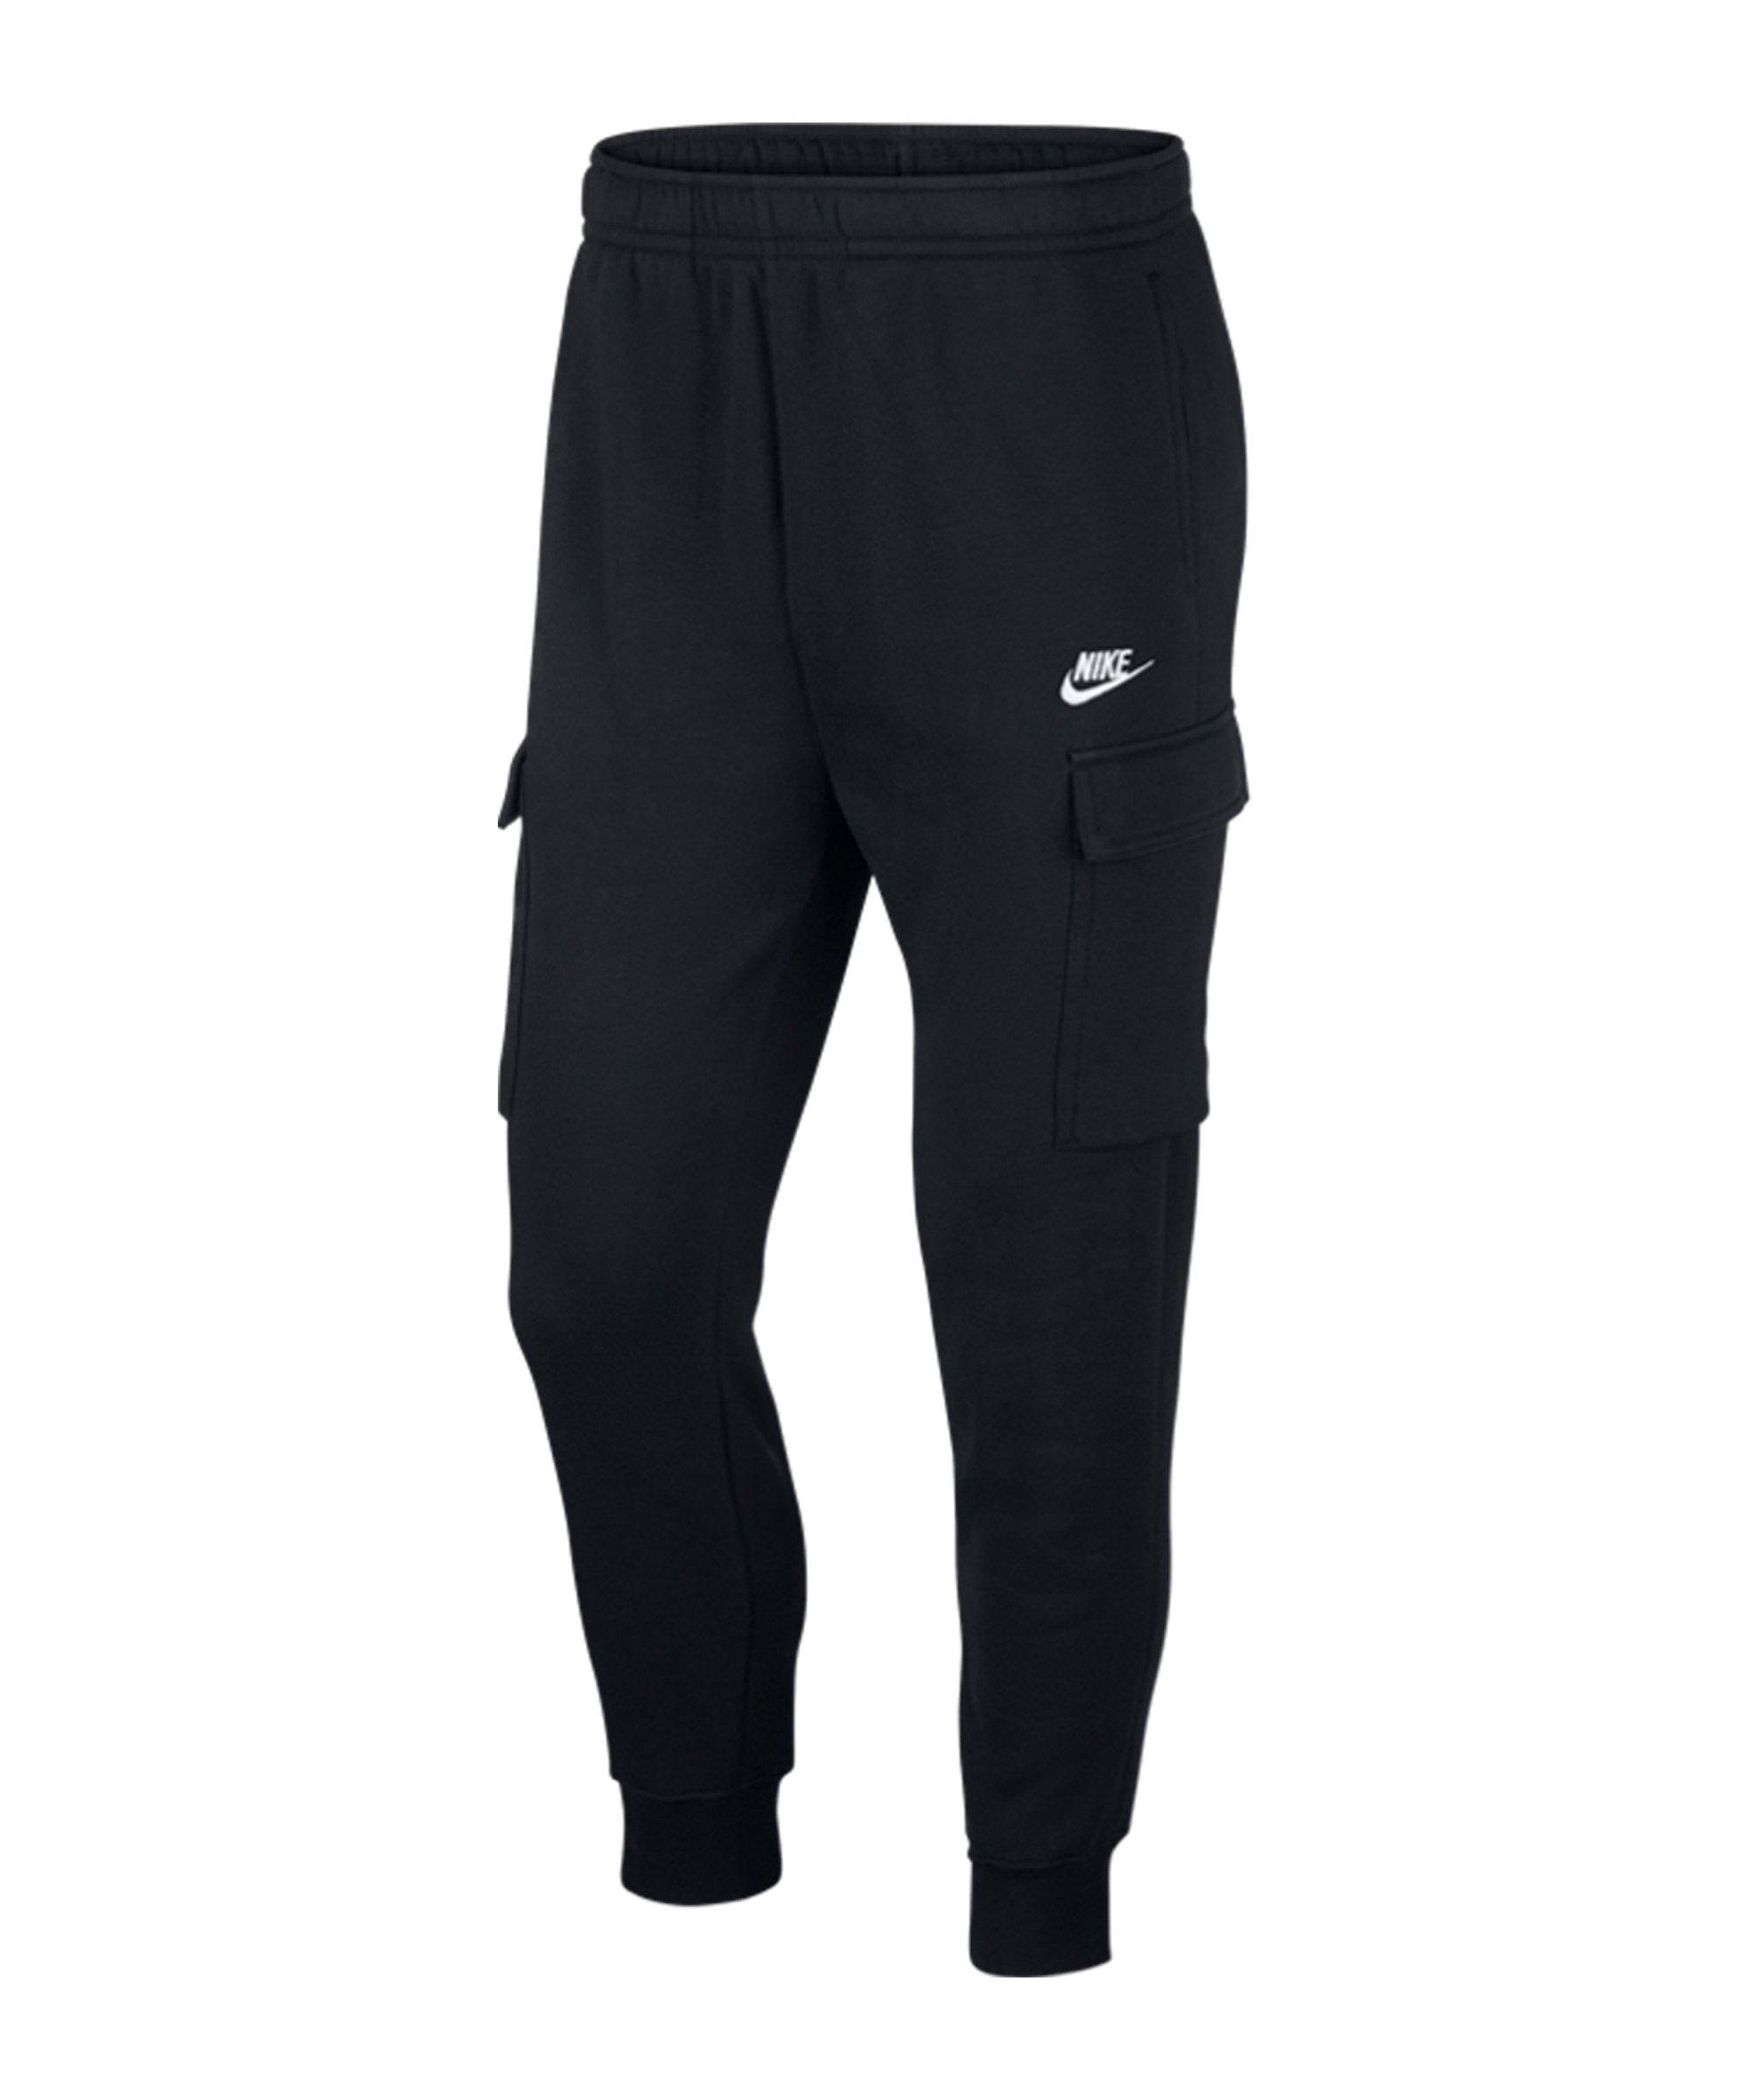 Nike Club Cargo Pant Schwarz F010 - schwarz